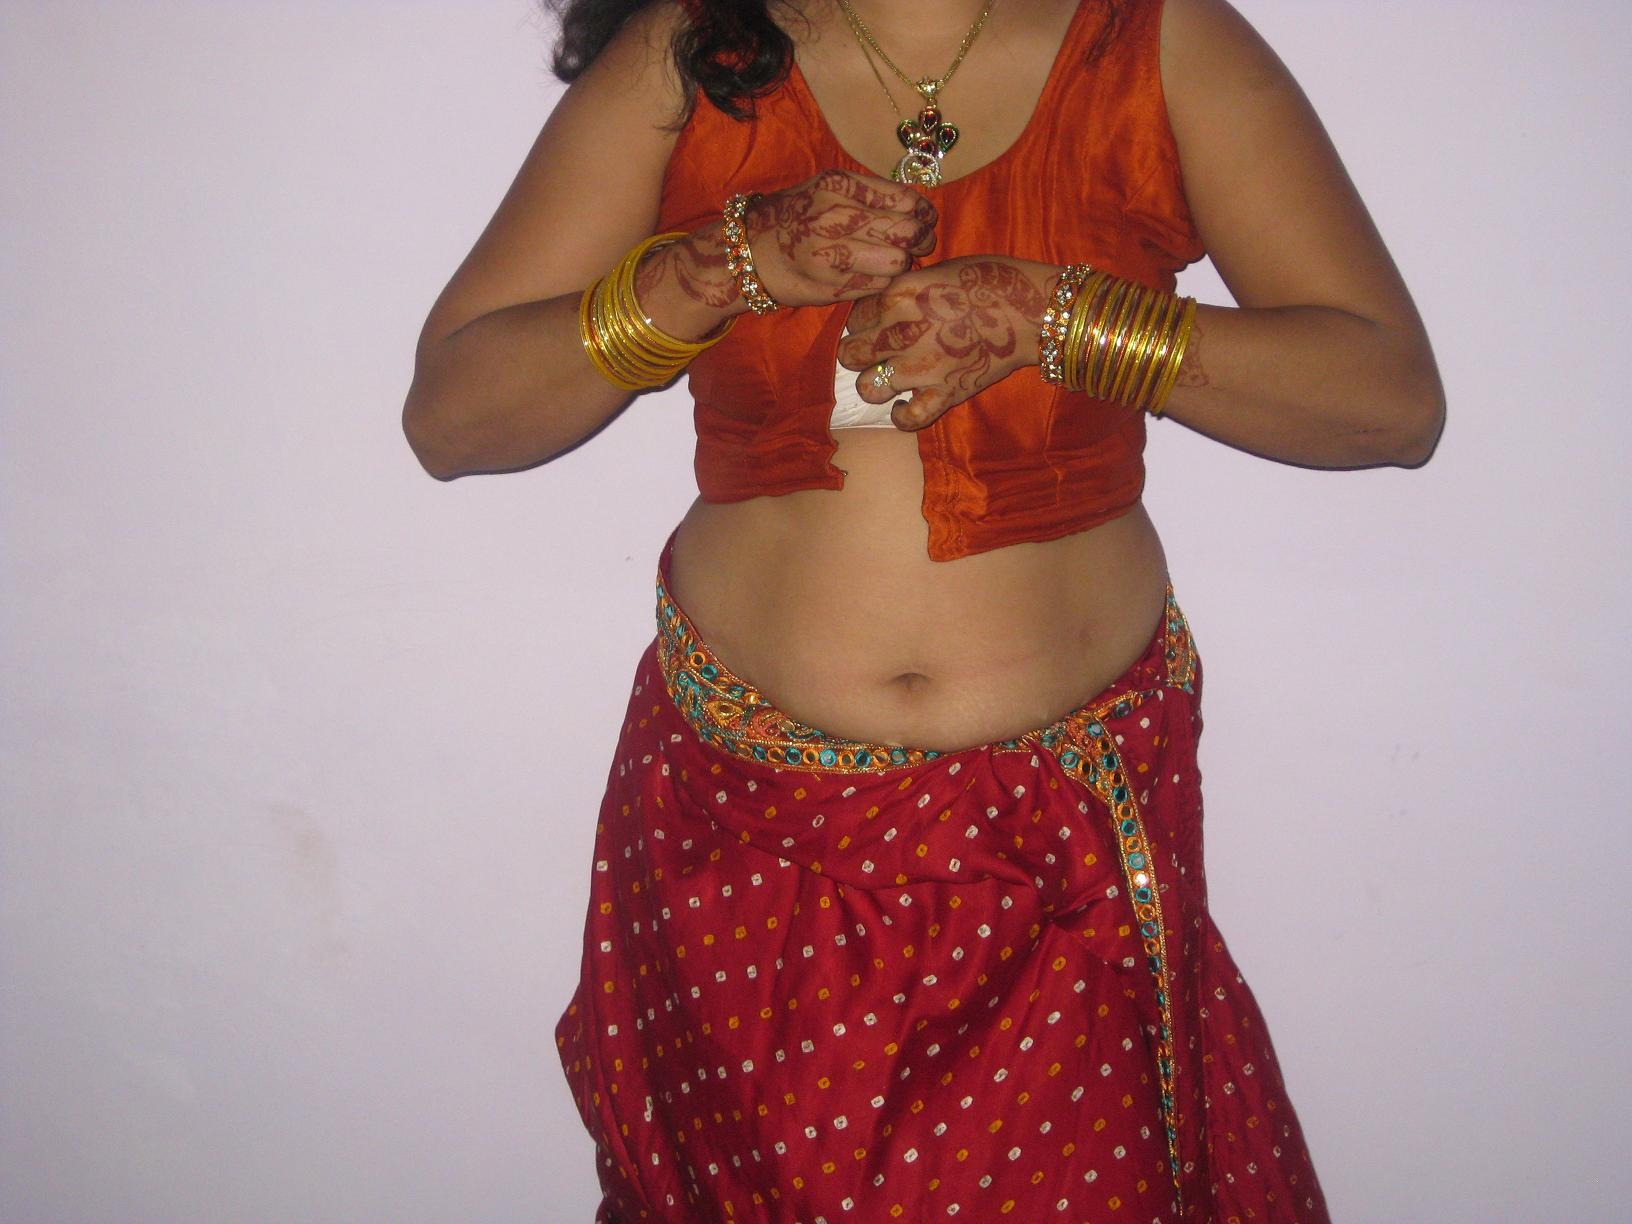 Hot Gori Bhabhi In Transparent Saree Removing Photos-5965